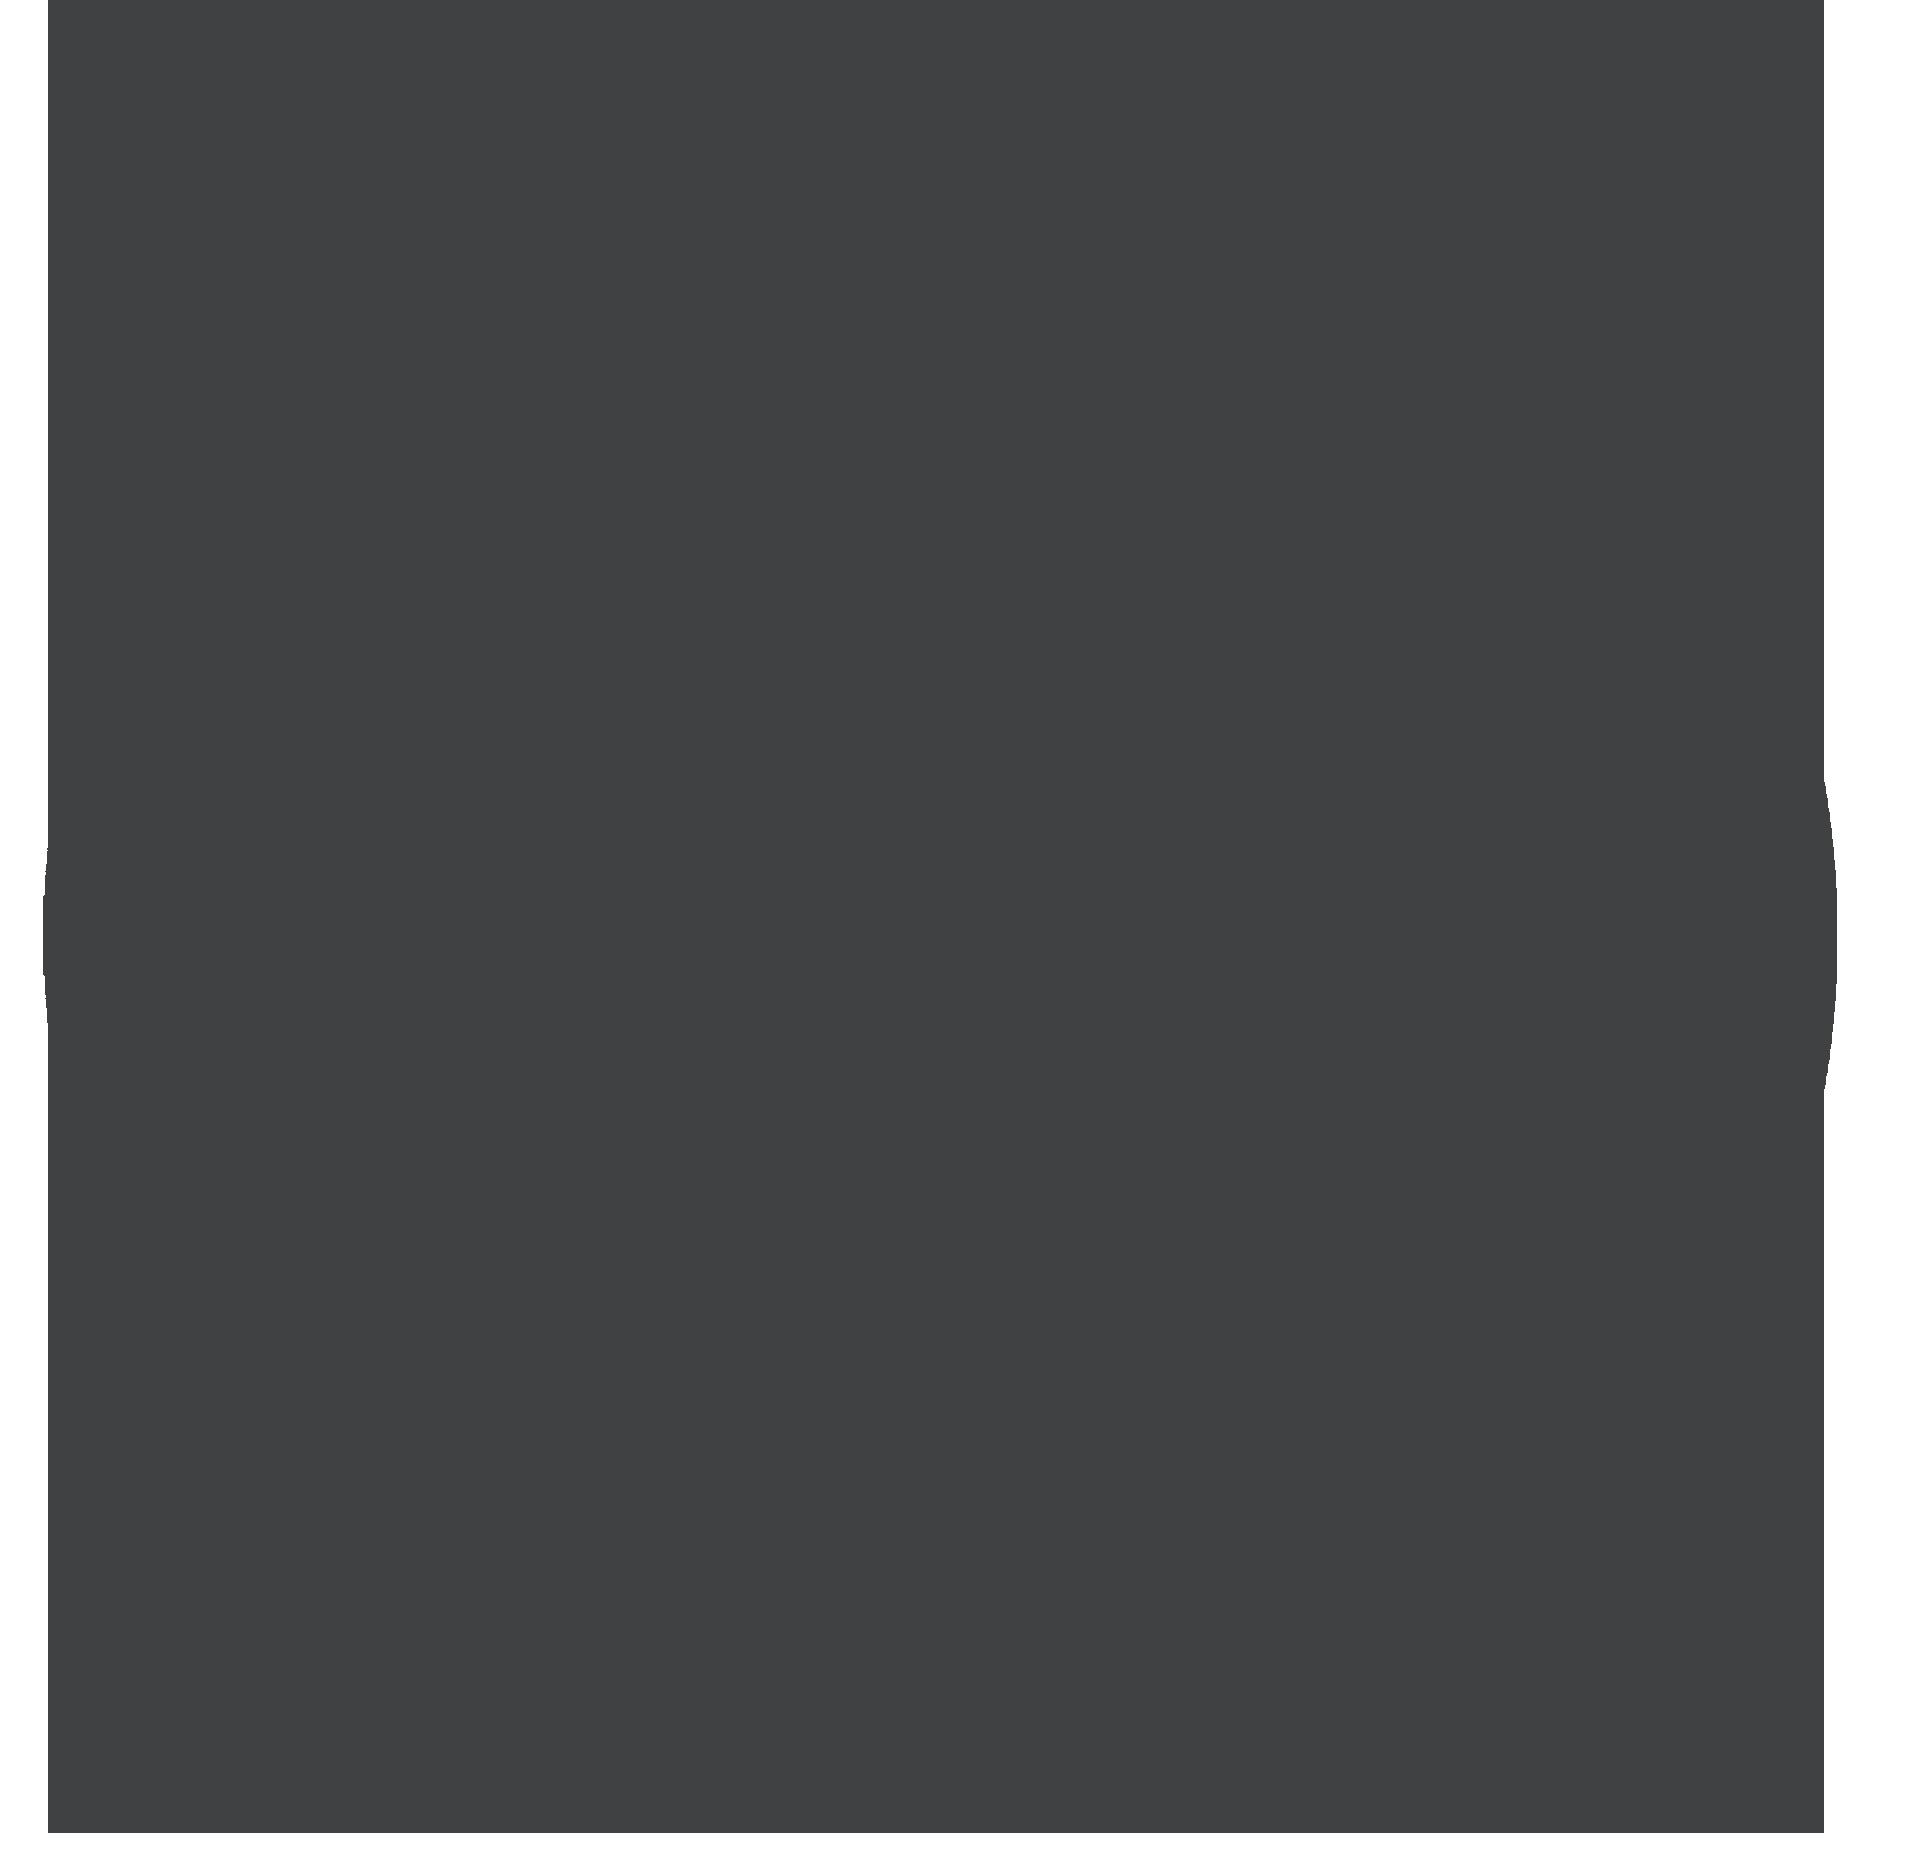 ZAKTi logo in dark grey